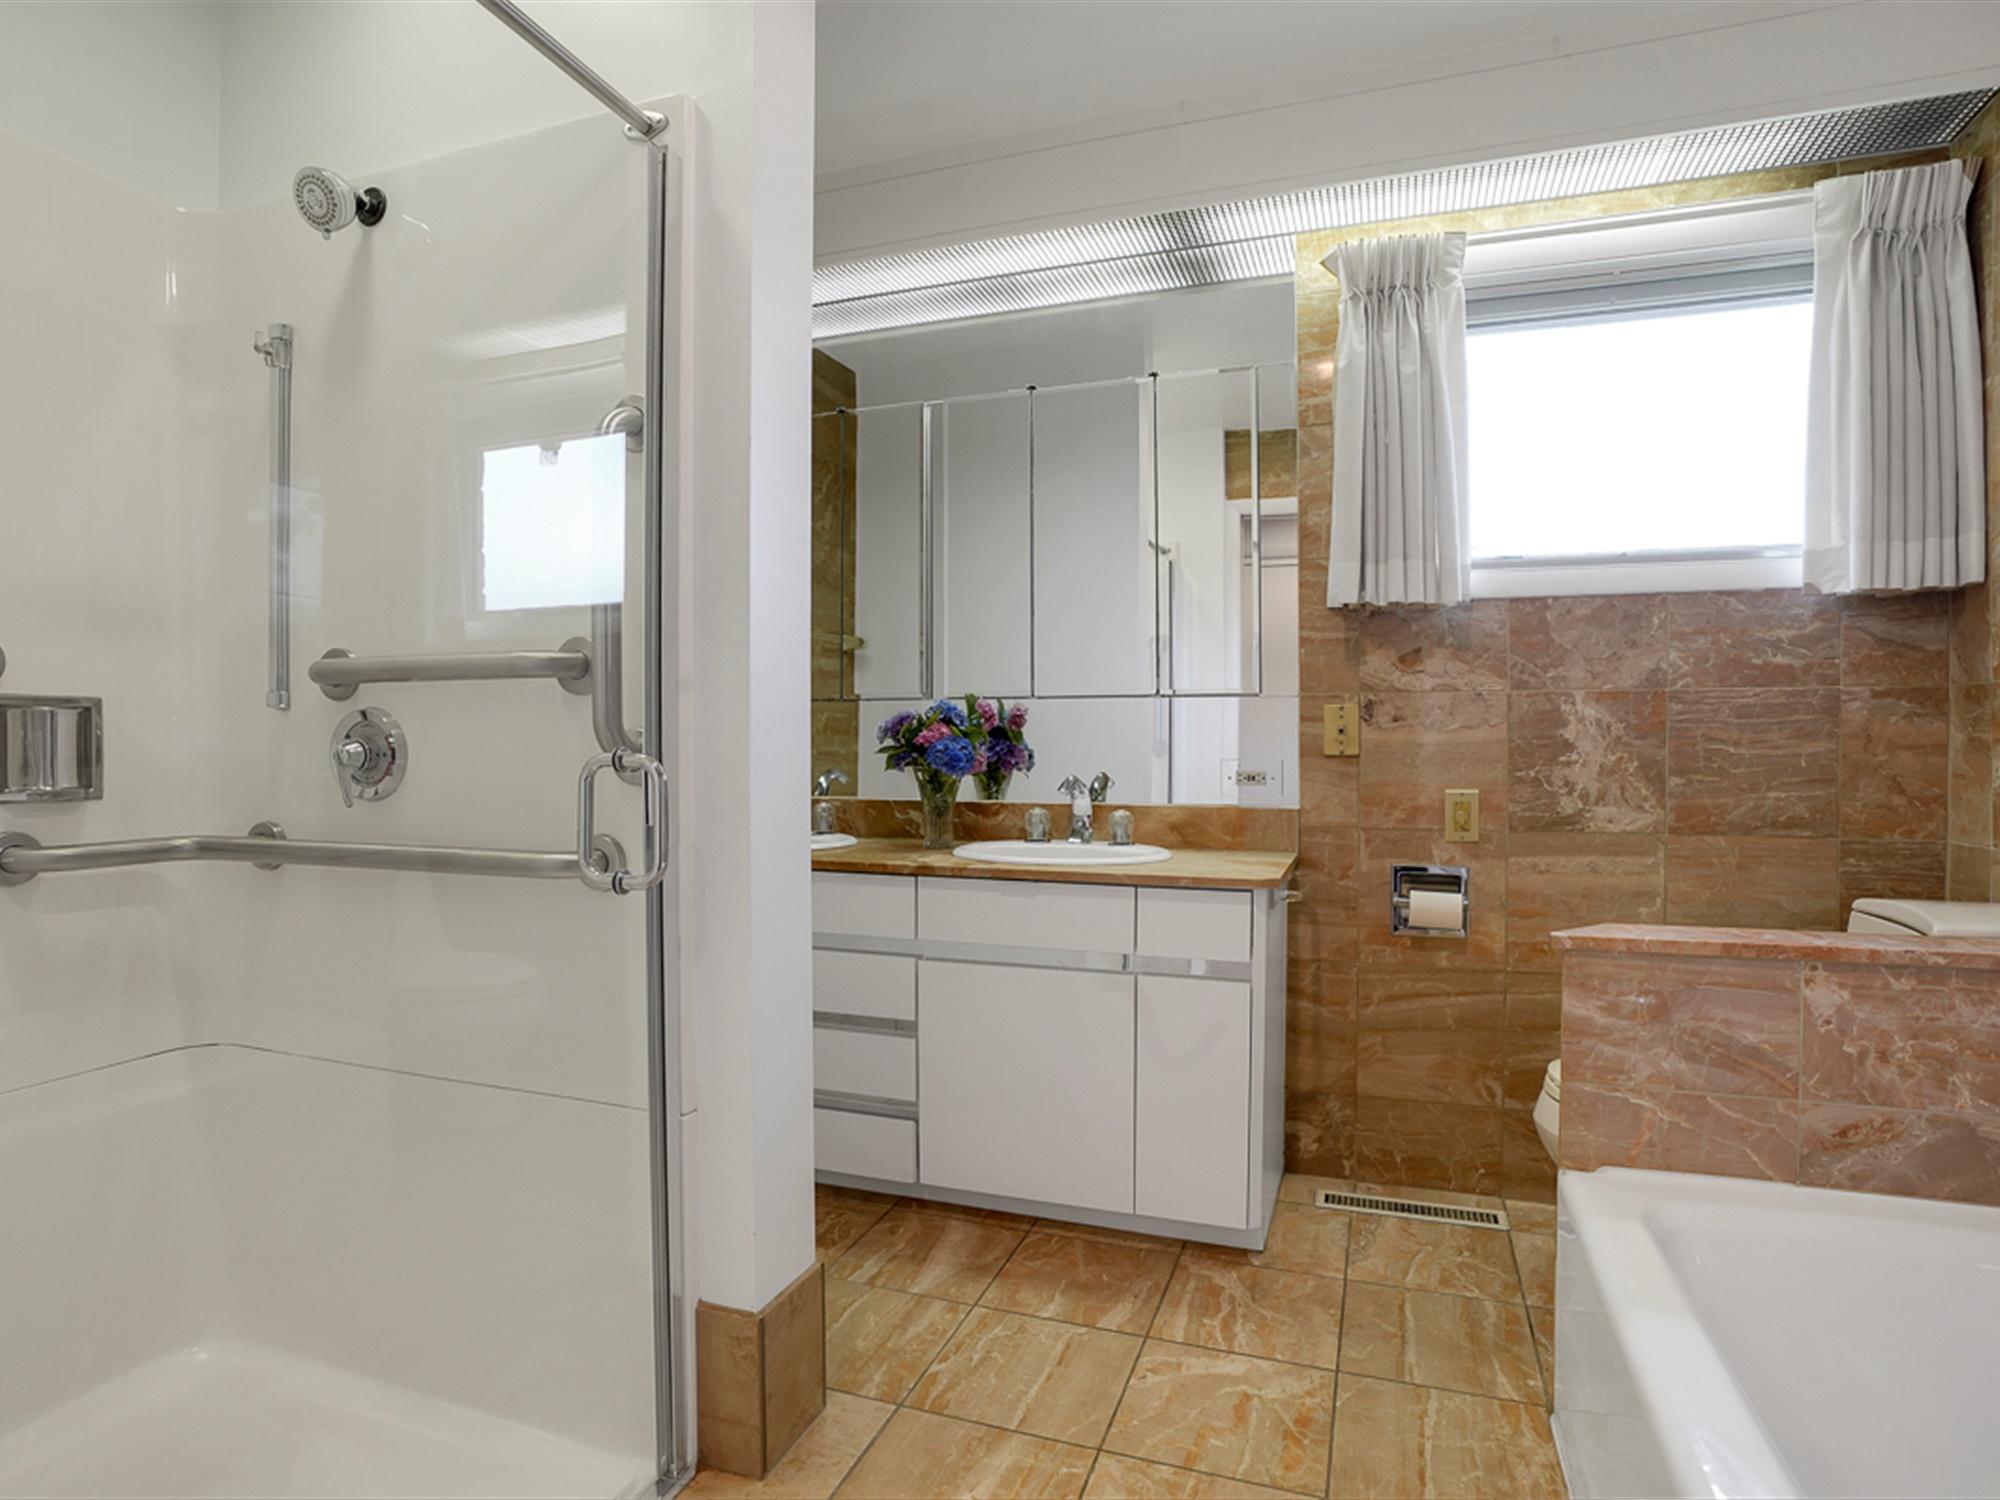 964 Reber St - Master Suite Bathroom